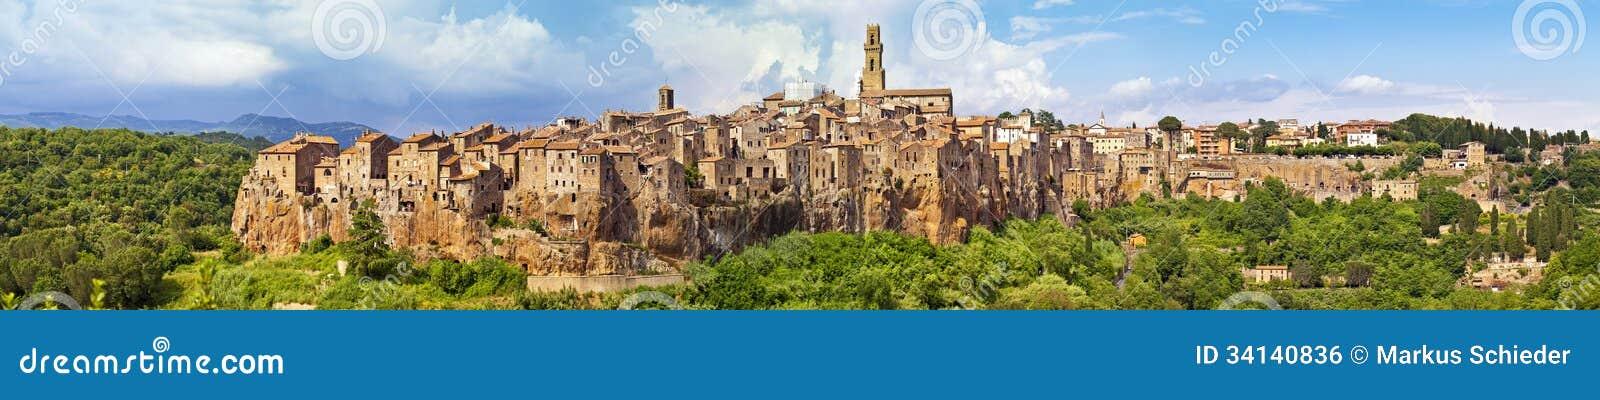 Panoramaansicht der Stadt Pitigliano